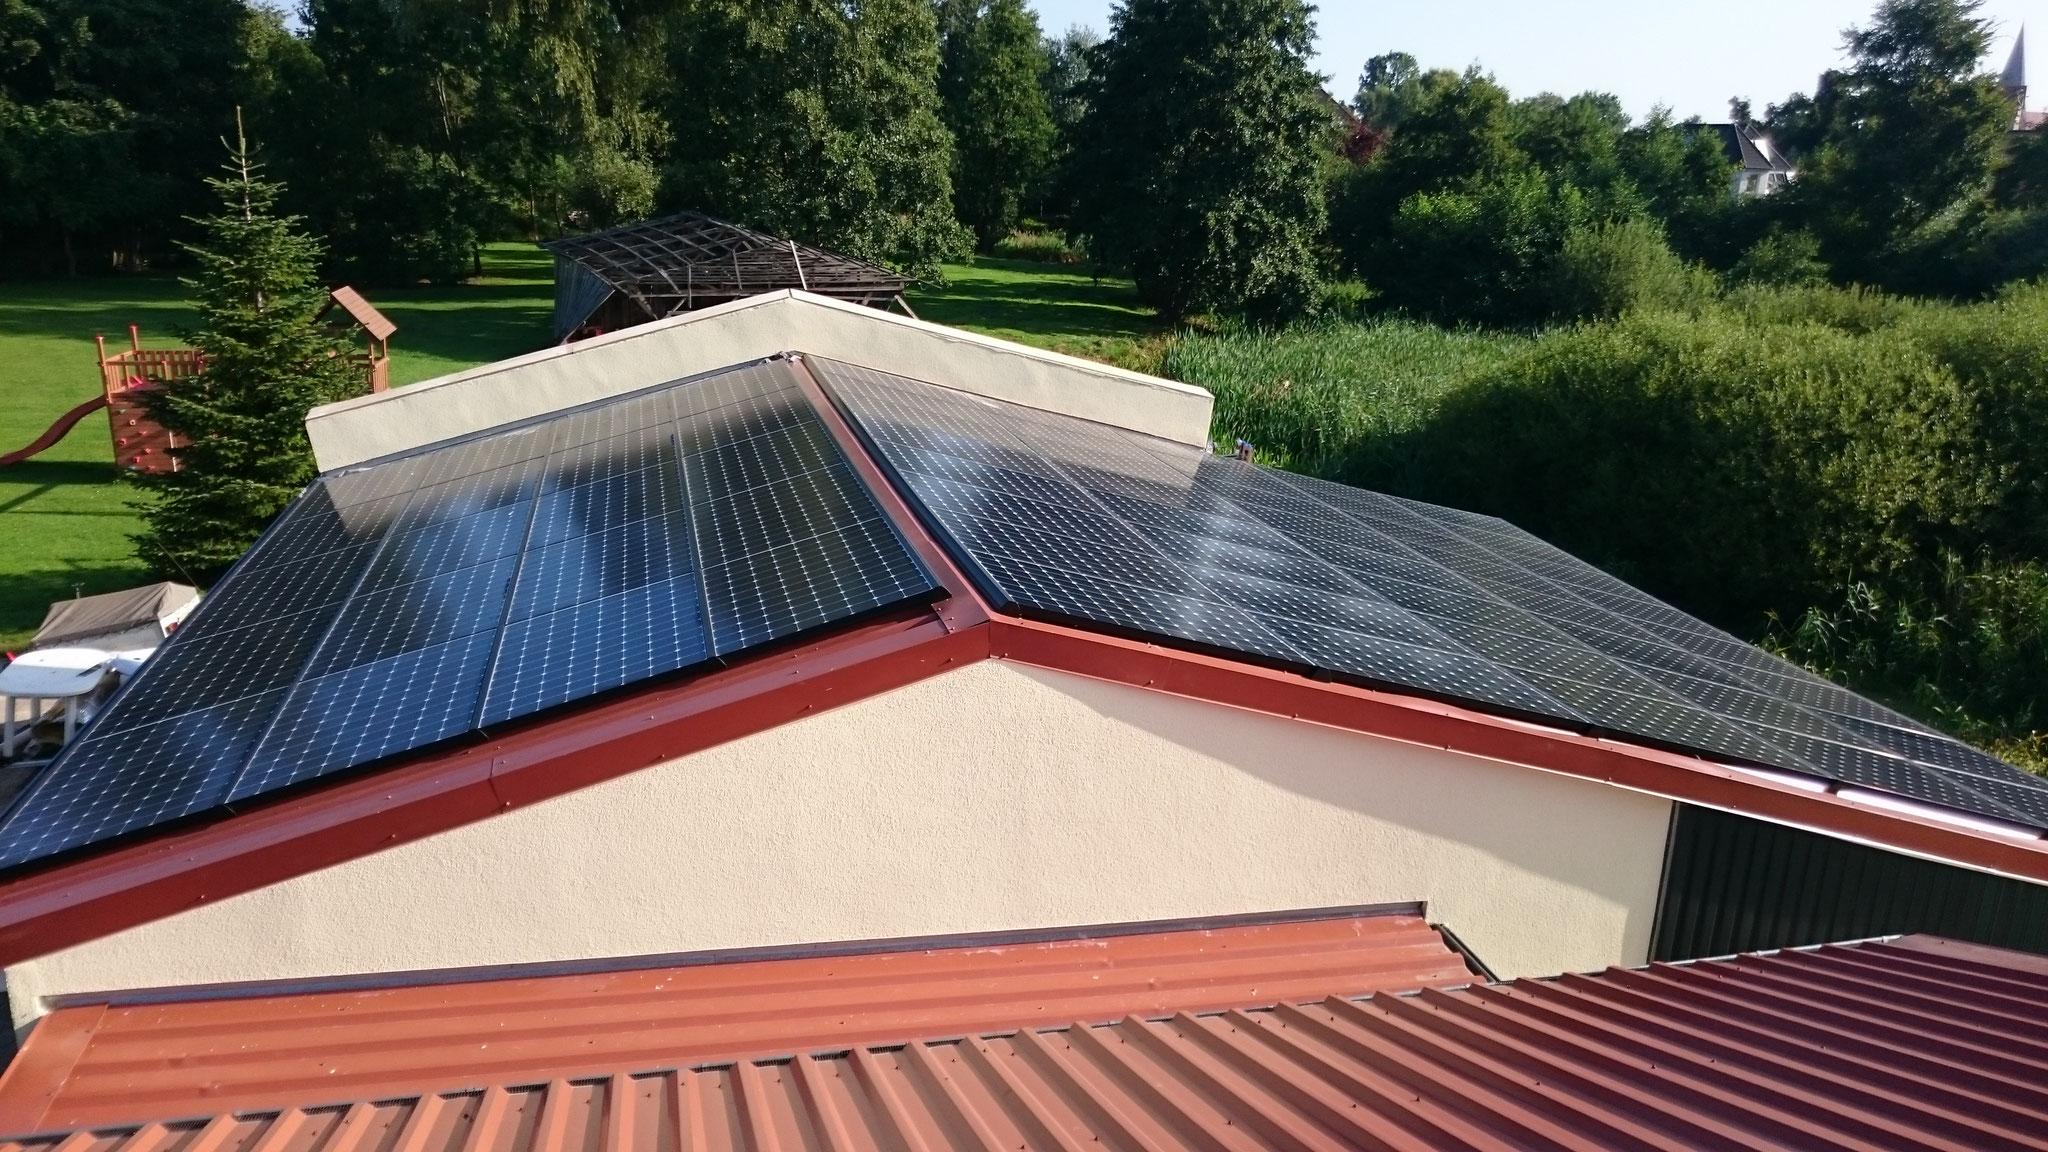 26,16 kWp Sunpower mit Solaredge Wechselrichter OST/WEST inkl. Speicher und Cloud in Bützow